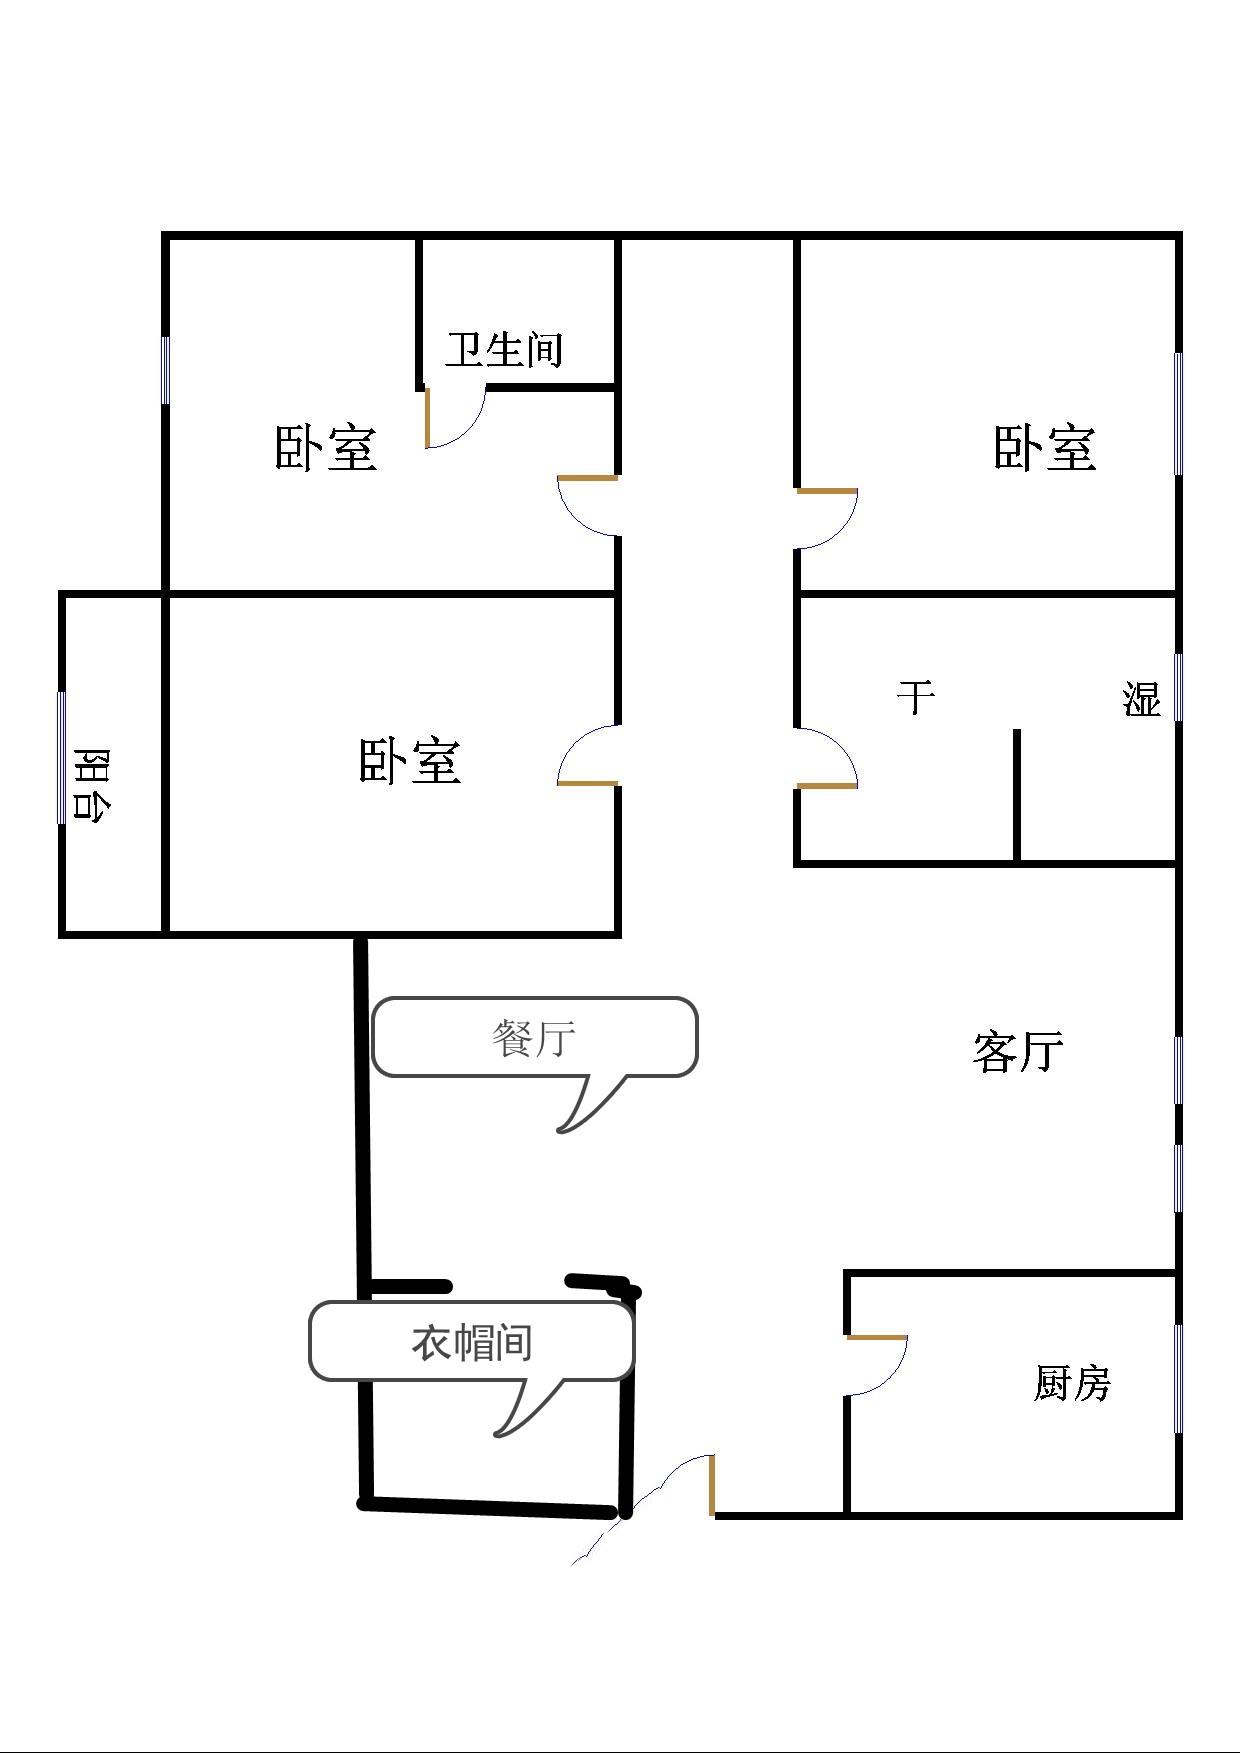 嘉城盛世 3室2厅  简装 130万